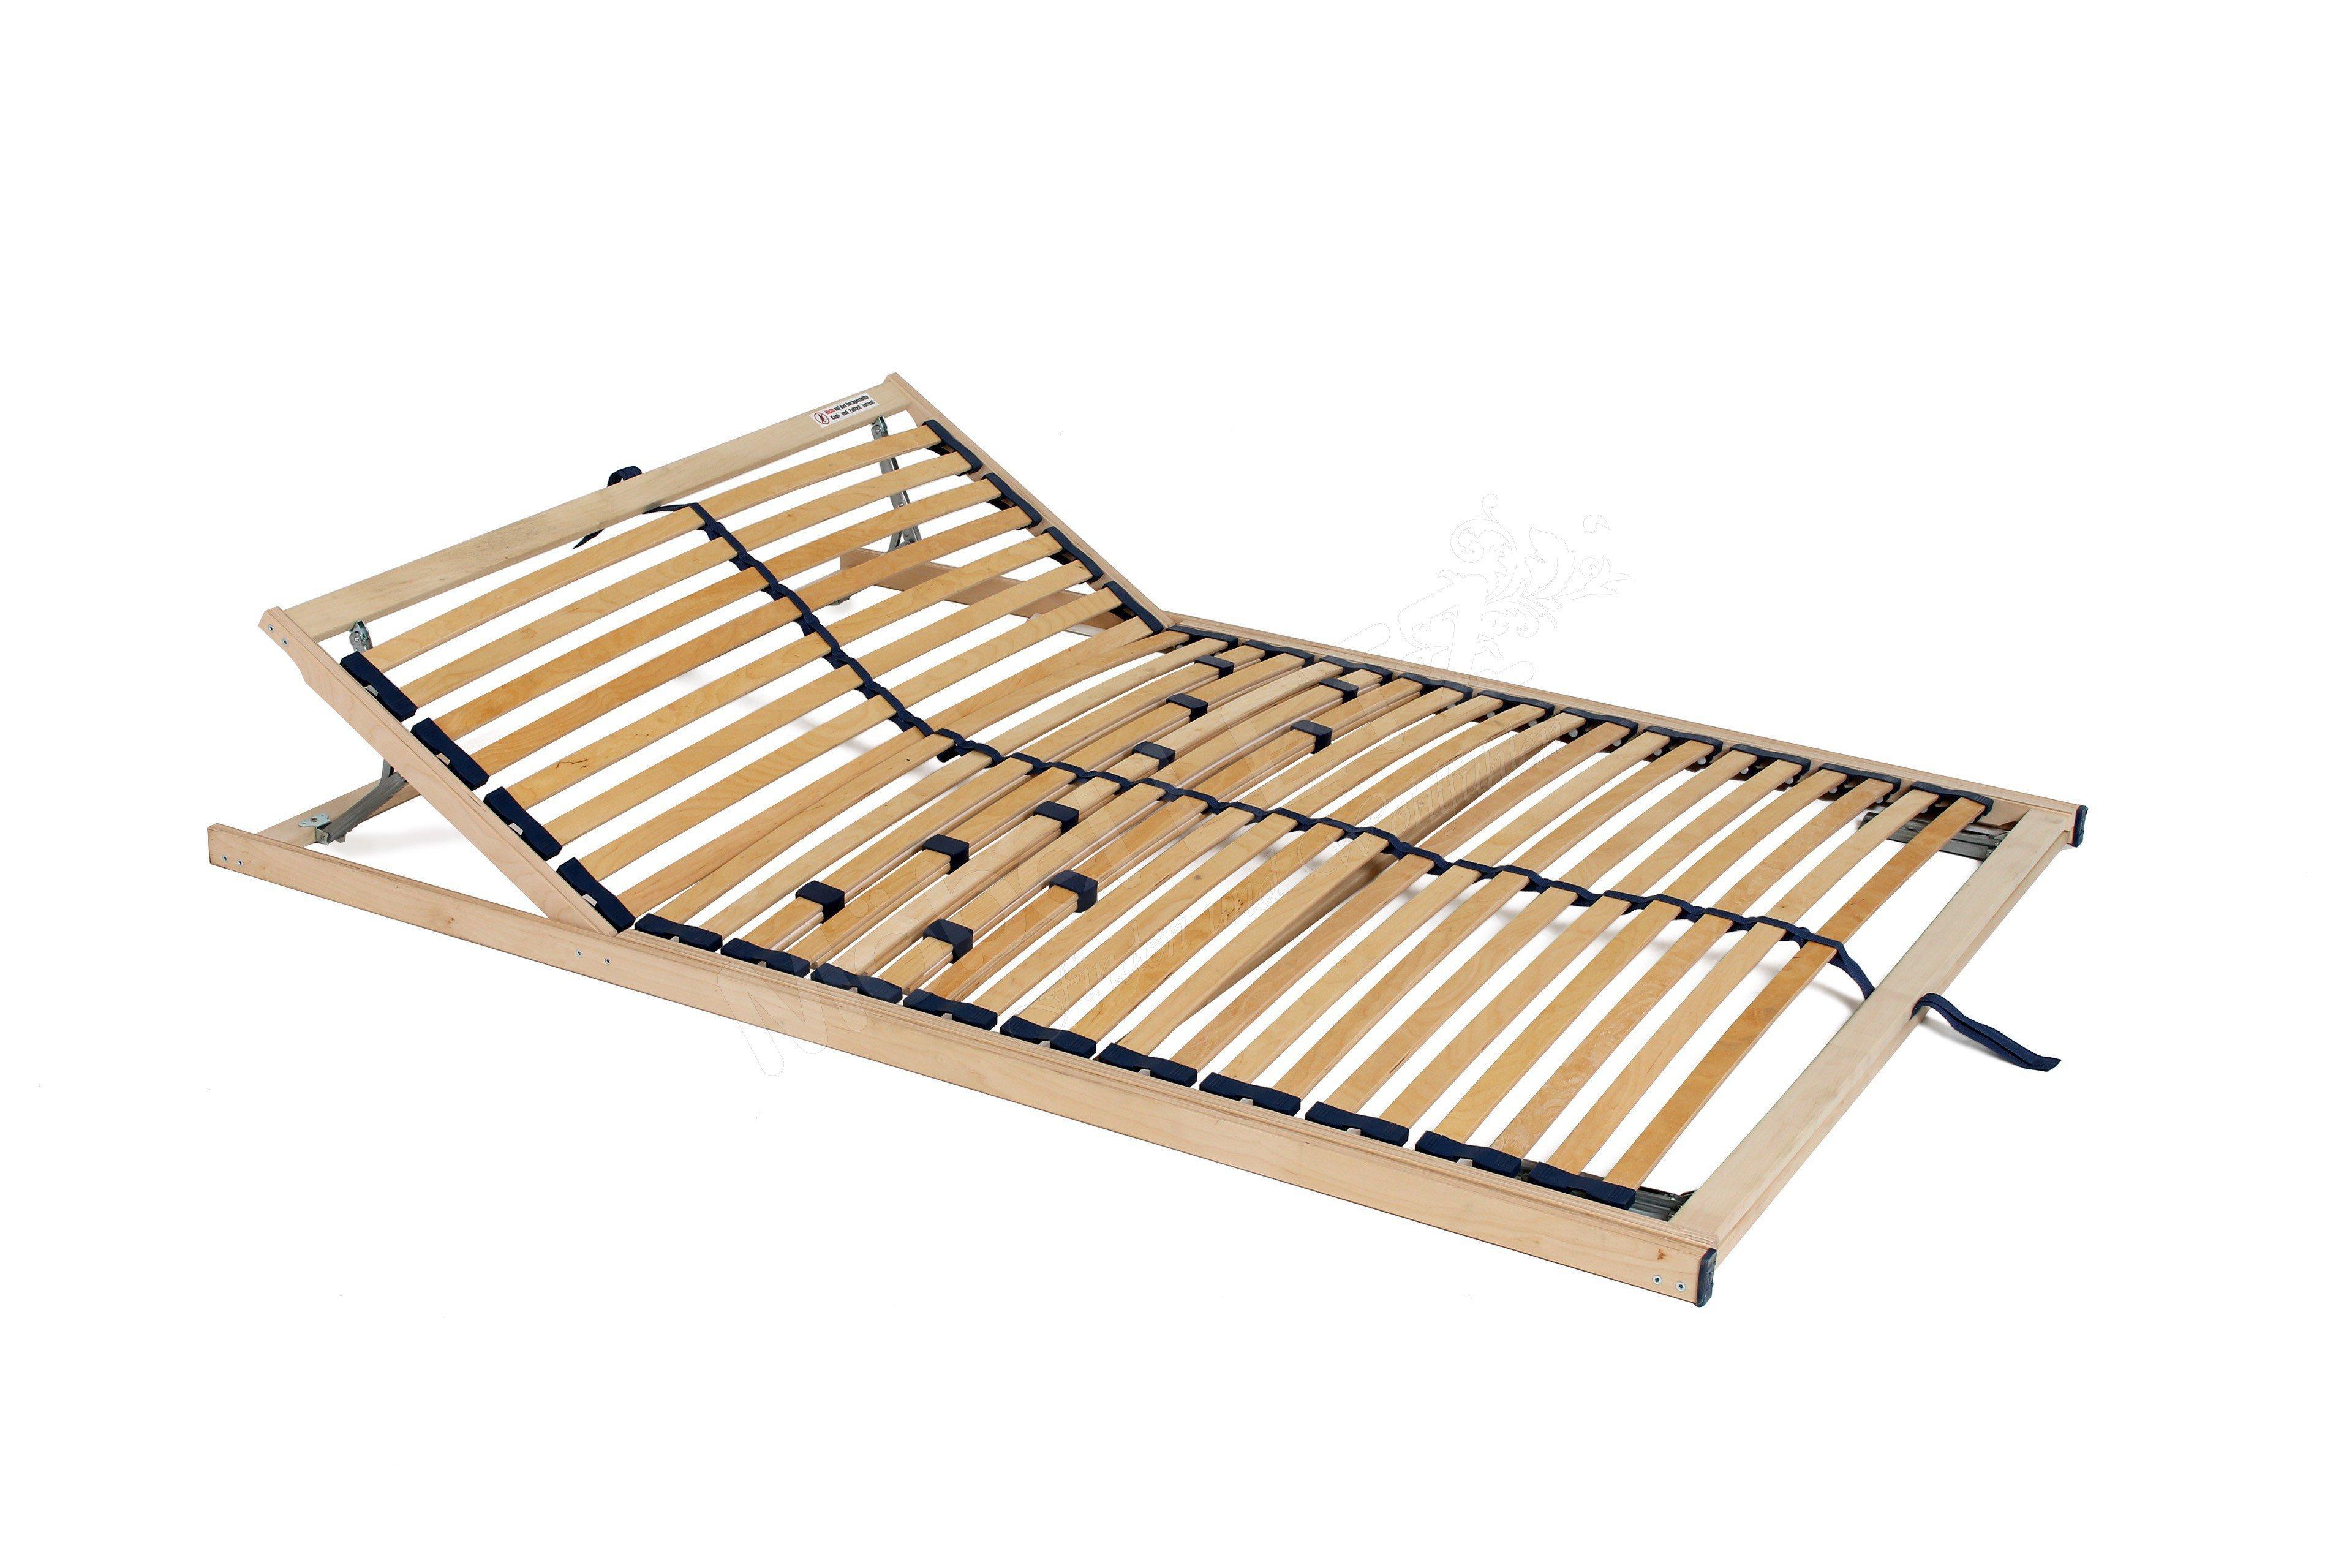 kollektion letz lattenrost athena 140 x 200 cm mit h rtegradverstellung m bel letz ihr. Black Bedroom Furniture Sets. Home Design Ideas